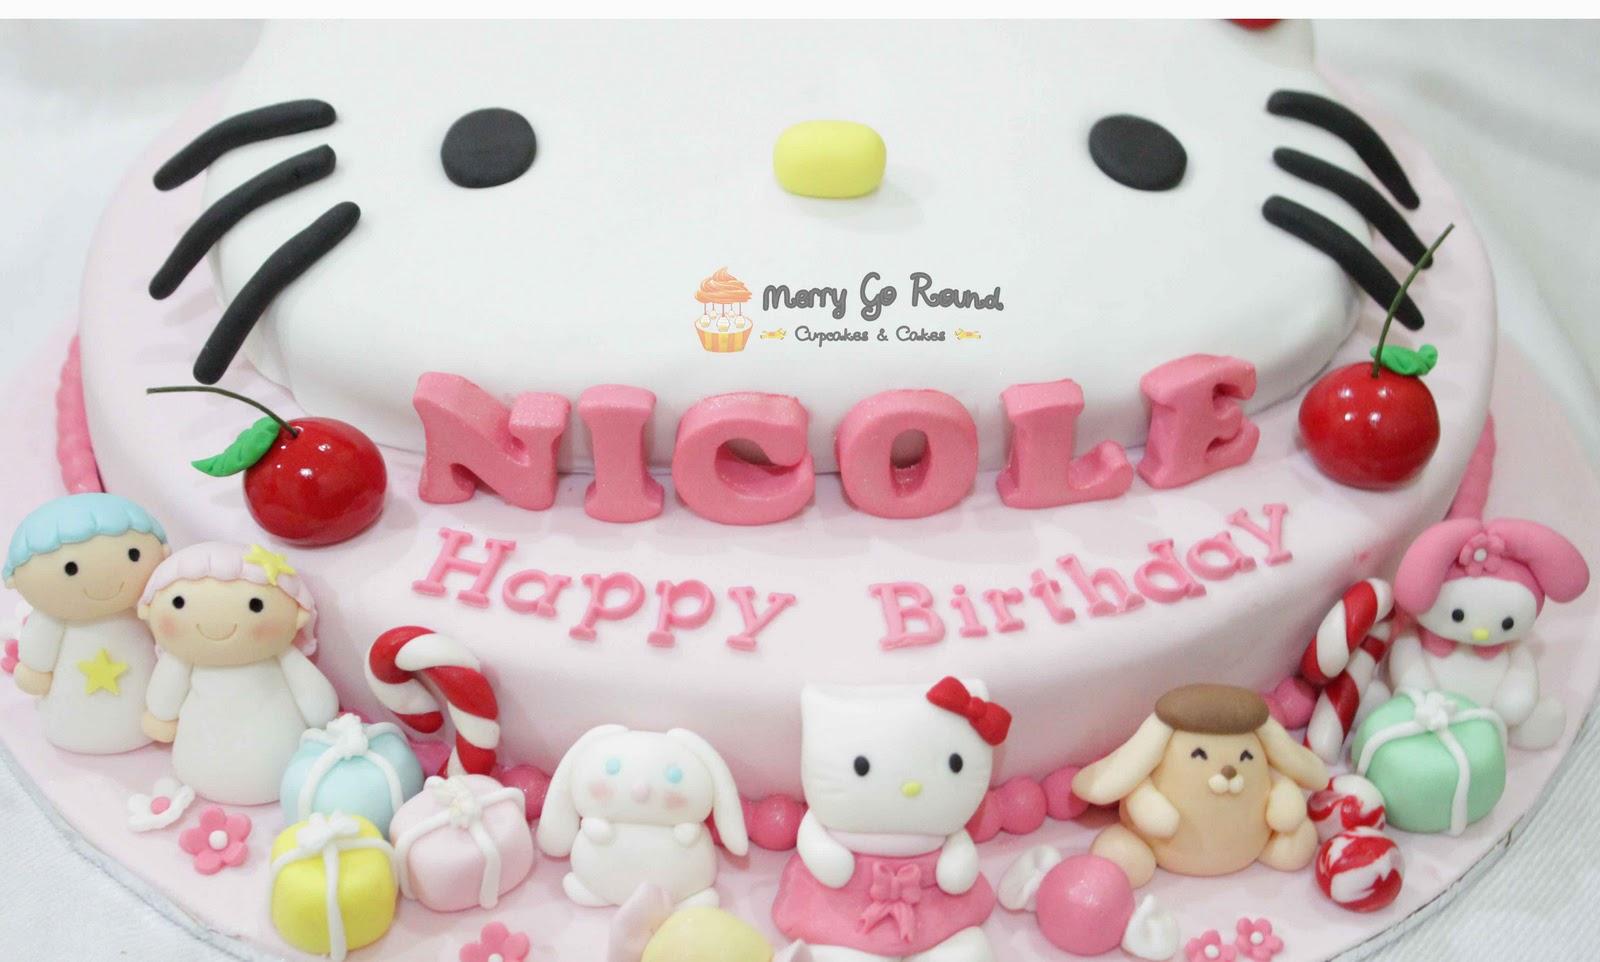 Hello Kitty Merry go Round Merry go Round Cupcakes